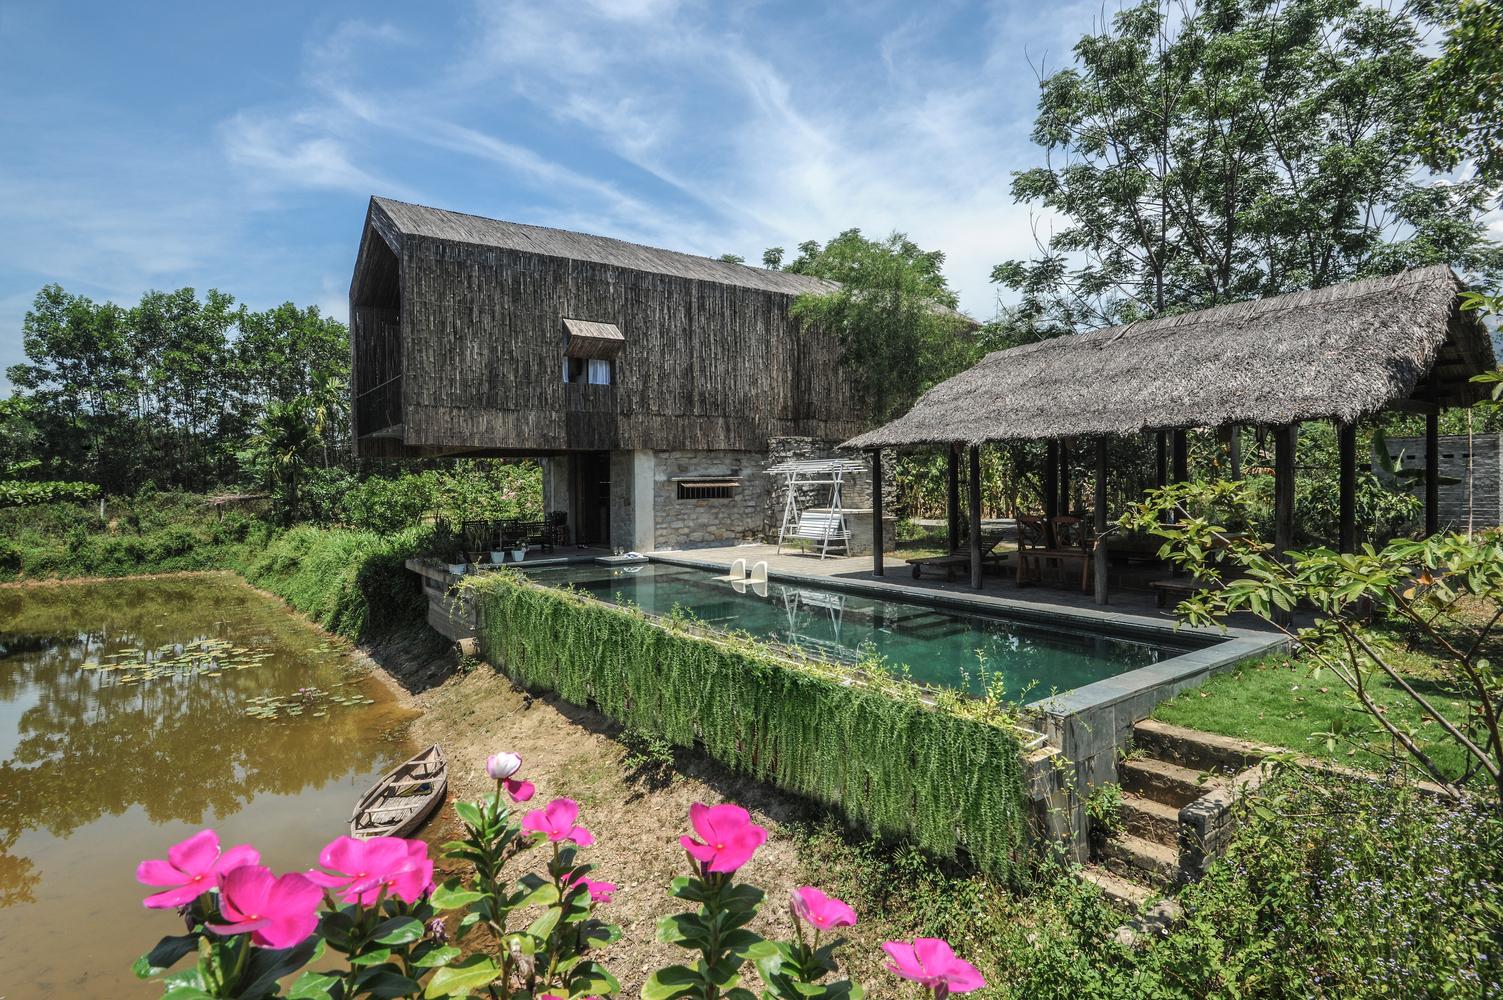 Ngôi nhà trang trại sử dụng vật liệu thiên nhiên giữa rừng cây, hồ nước